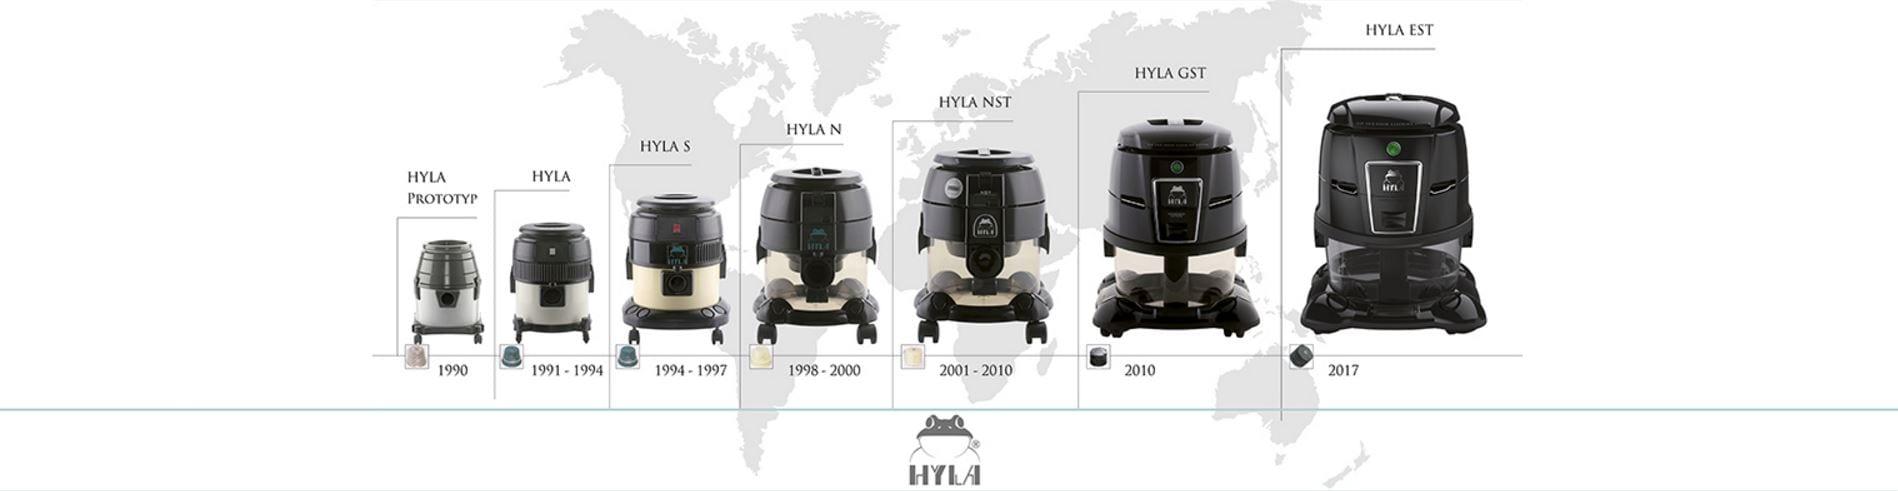 Vývoj přístrojů Hyla